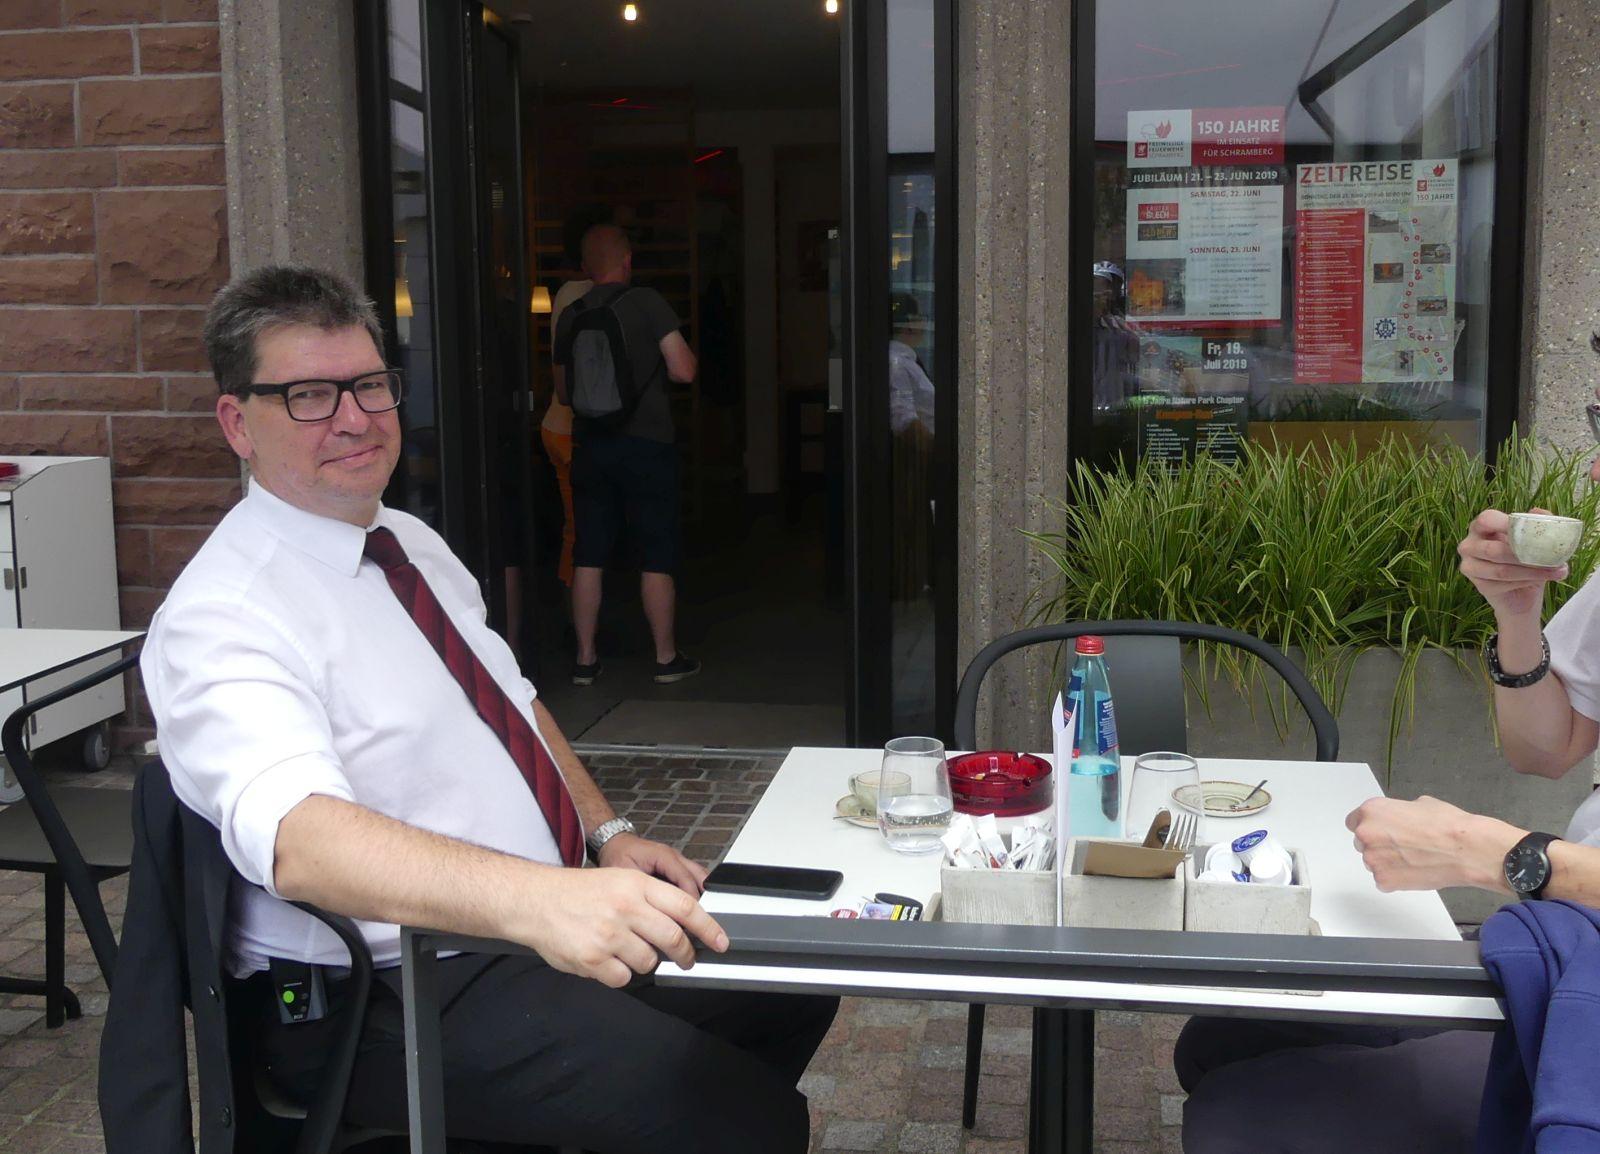 Dirk Caroli  im OB-Wahlkampf im Juni 2019 im Gespräch mit seinem damaligen Werbepartner (den wir zum Schutz seiner Persönlichkeitsrechte abgeschnitten haben). Archiv-Foto: him